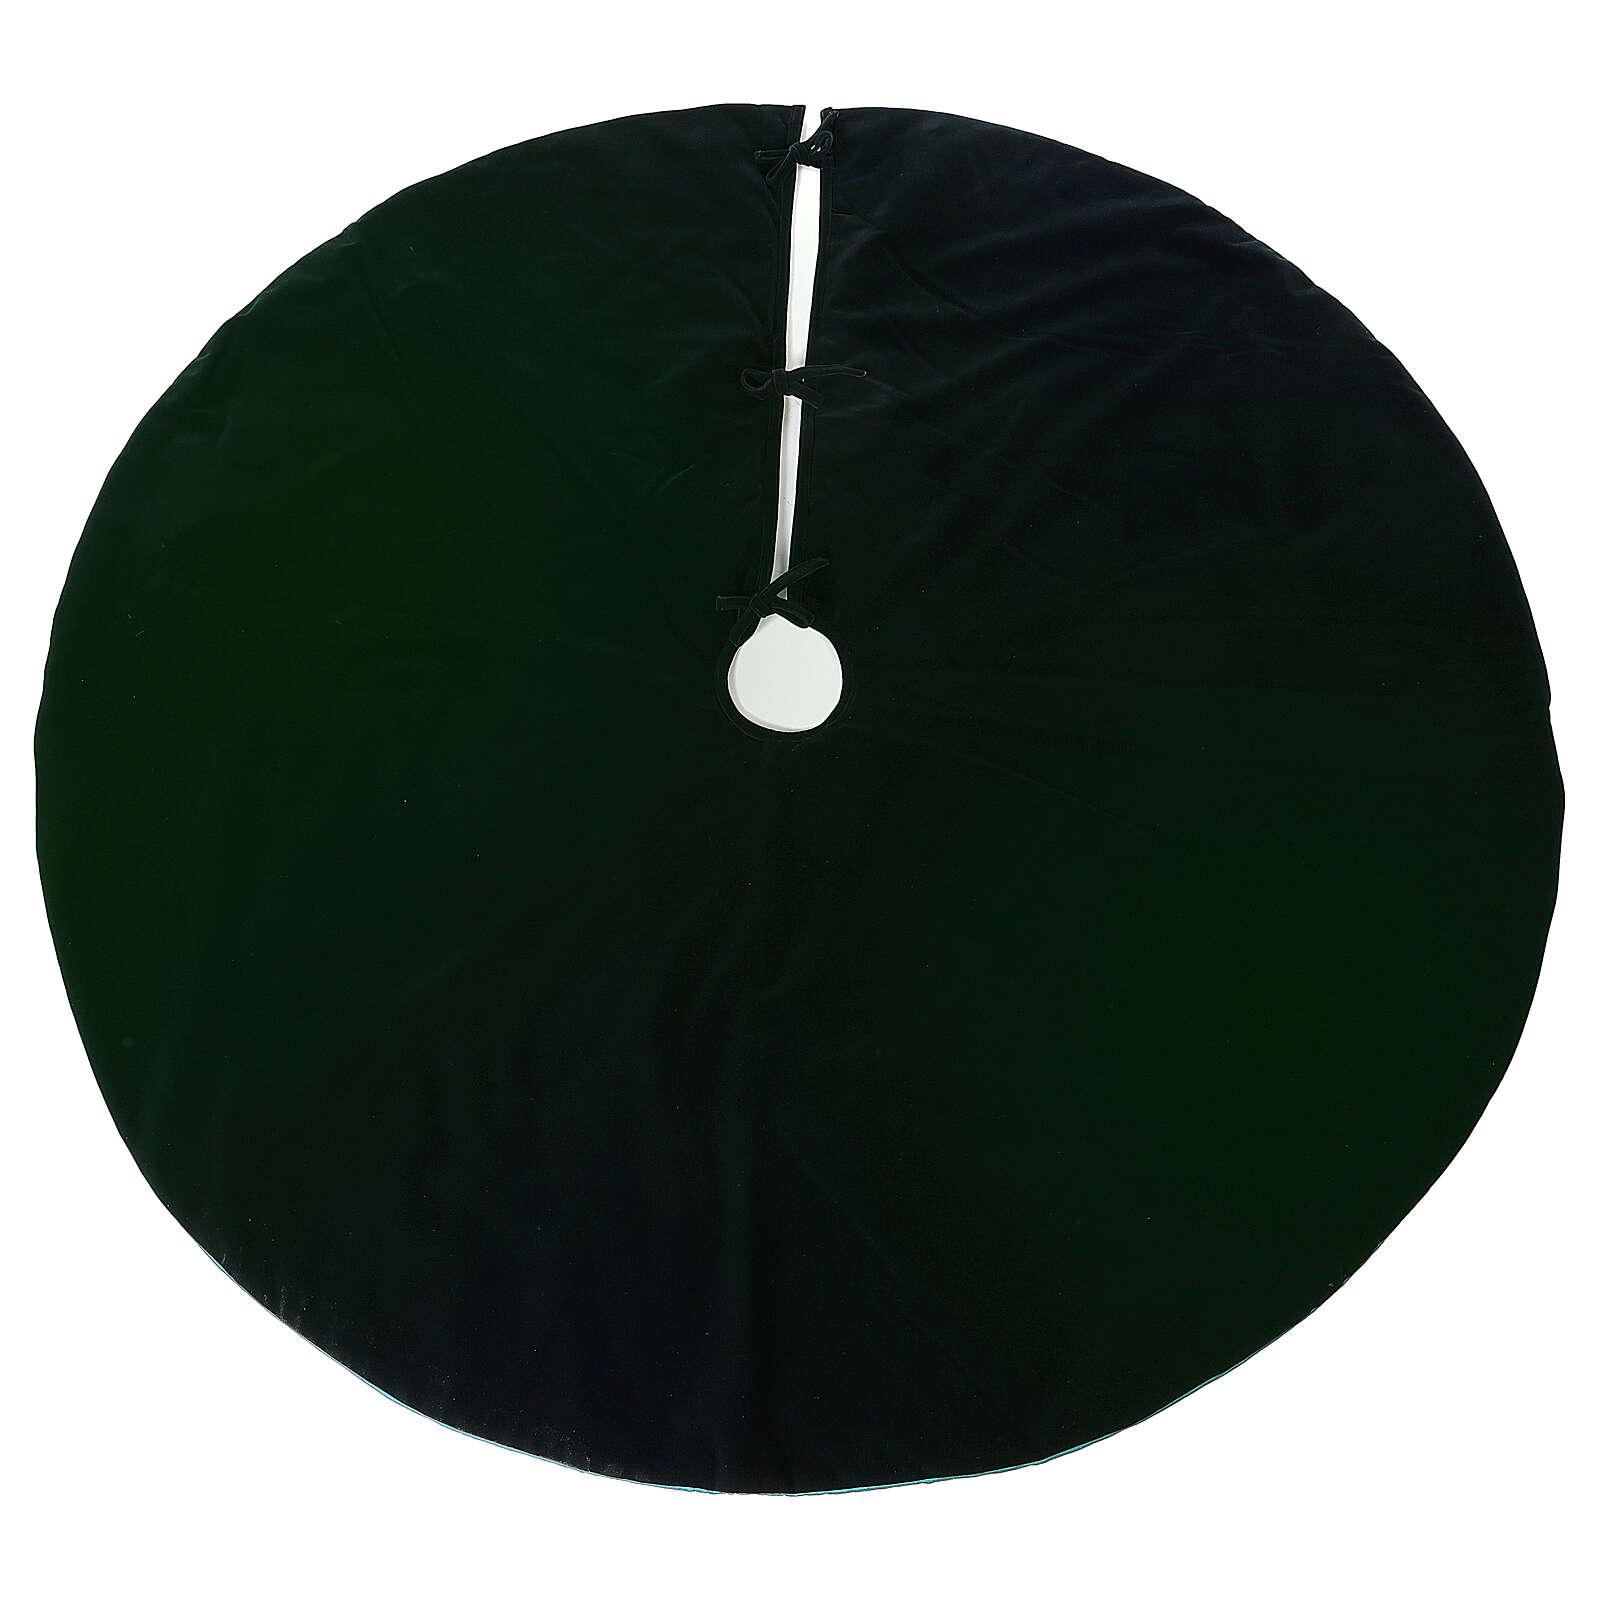 Copribase per Albero di Natale velluto verde d. 1,40 cm poli. cotone 3